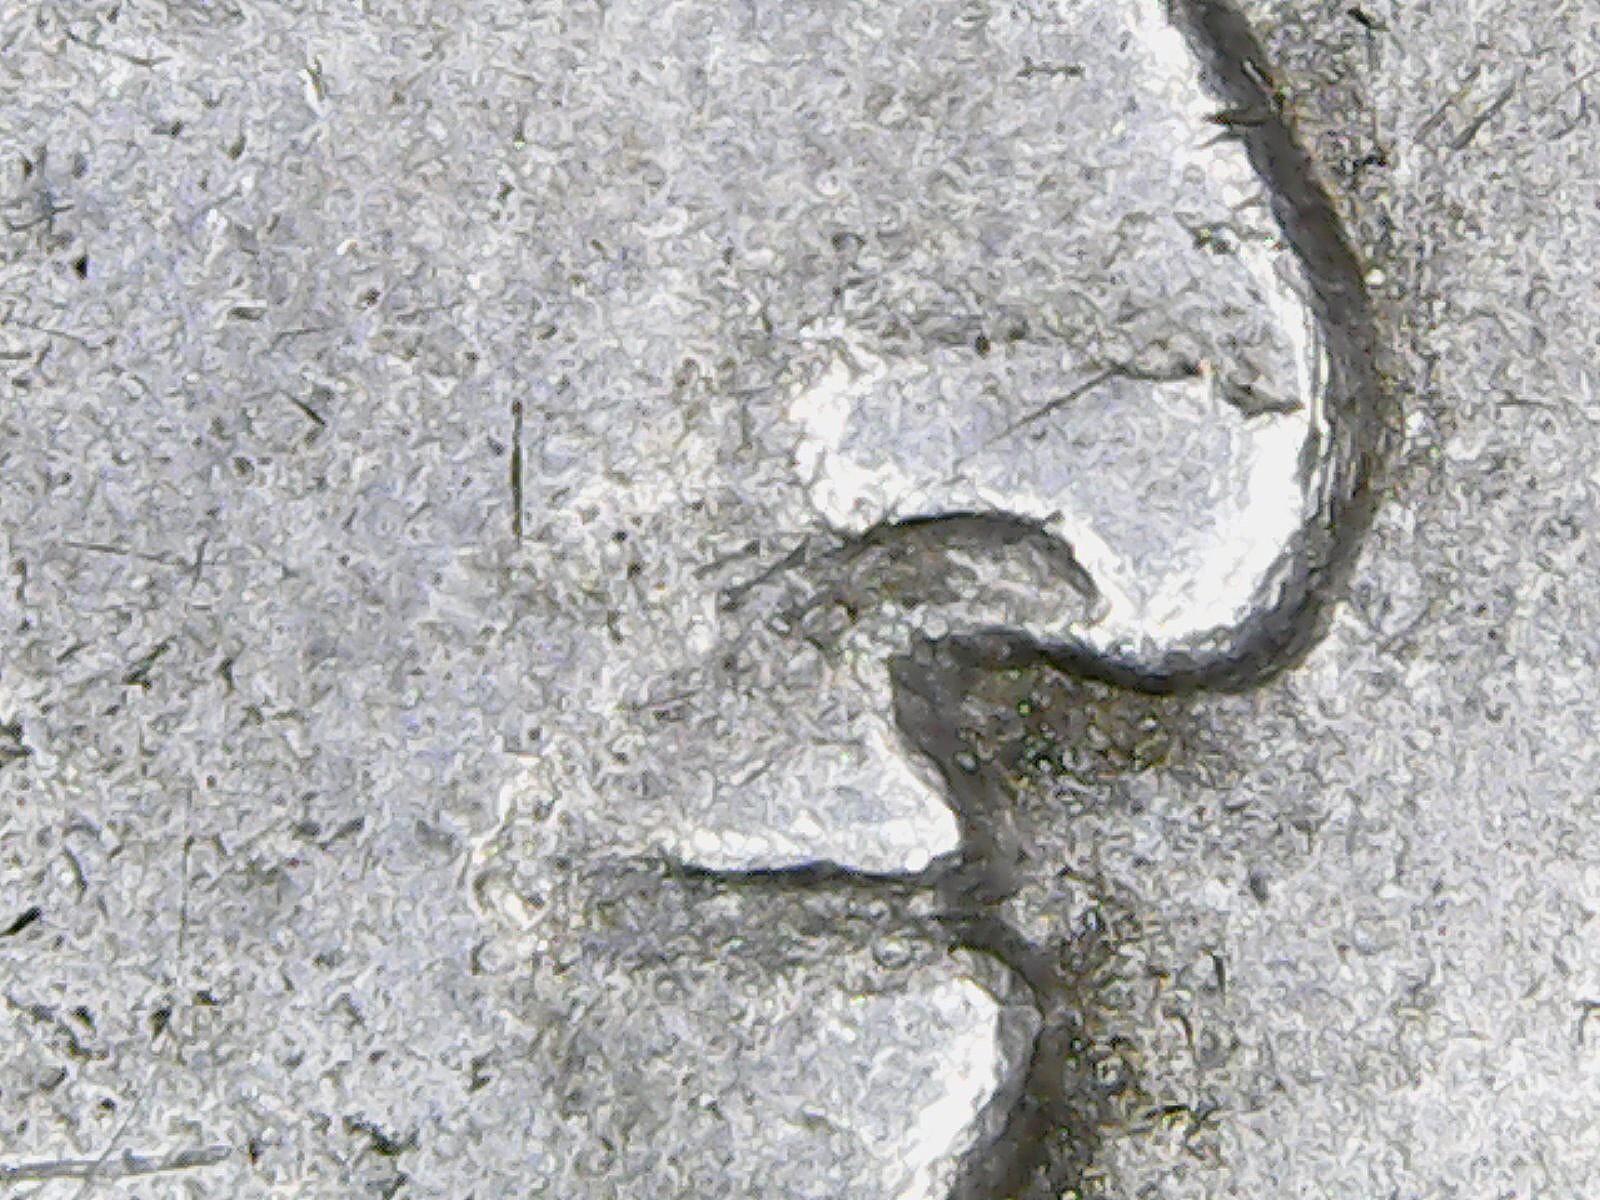 Resultados de un microscopio USB: detalles de las monedas  Hs87bb